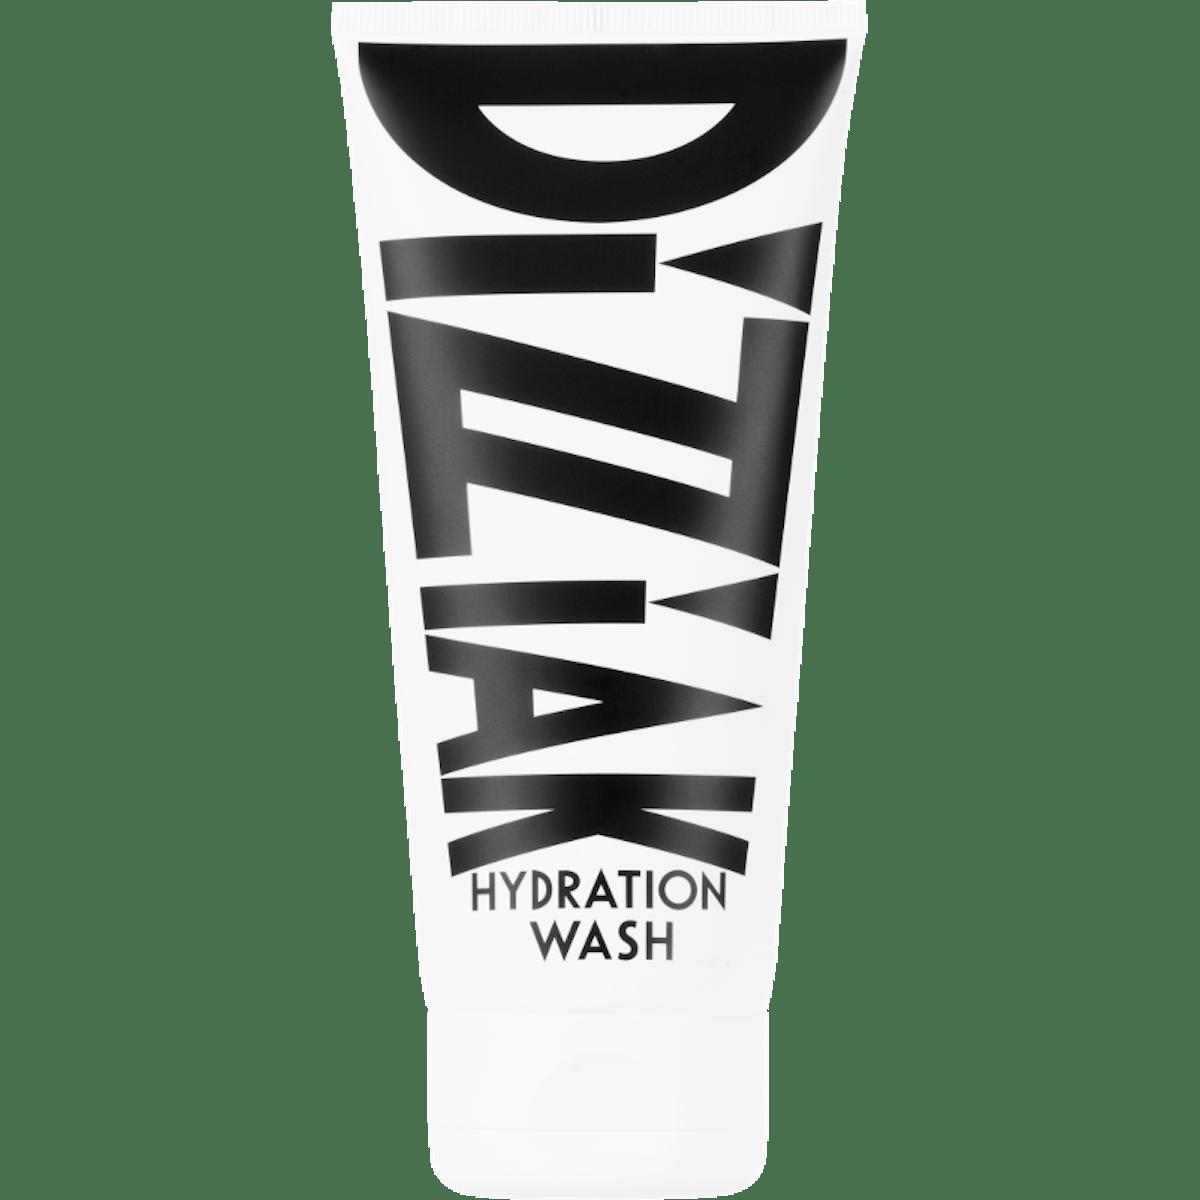 Hydration Wash